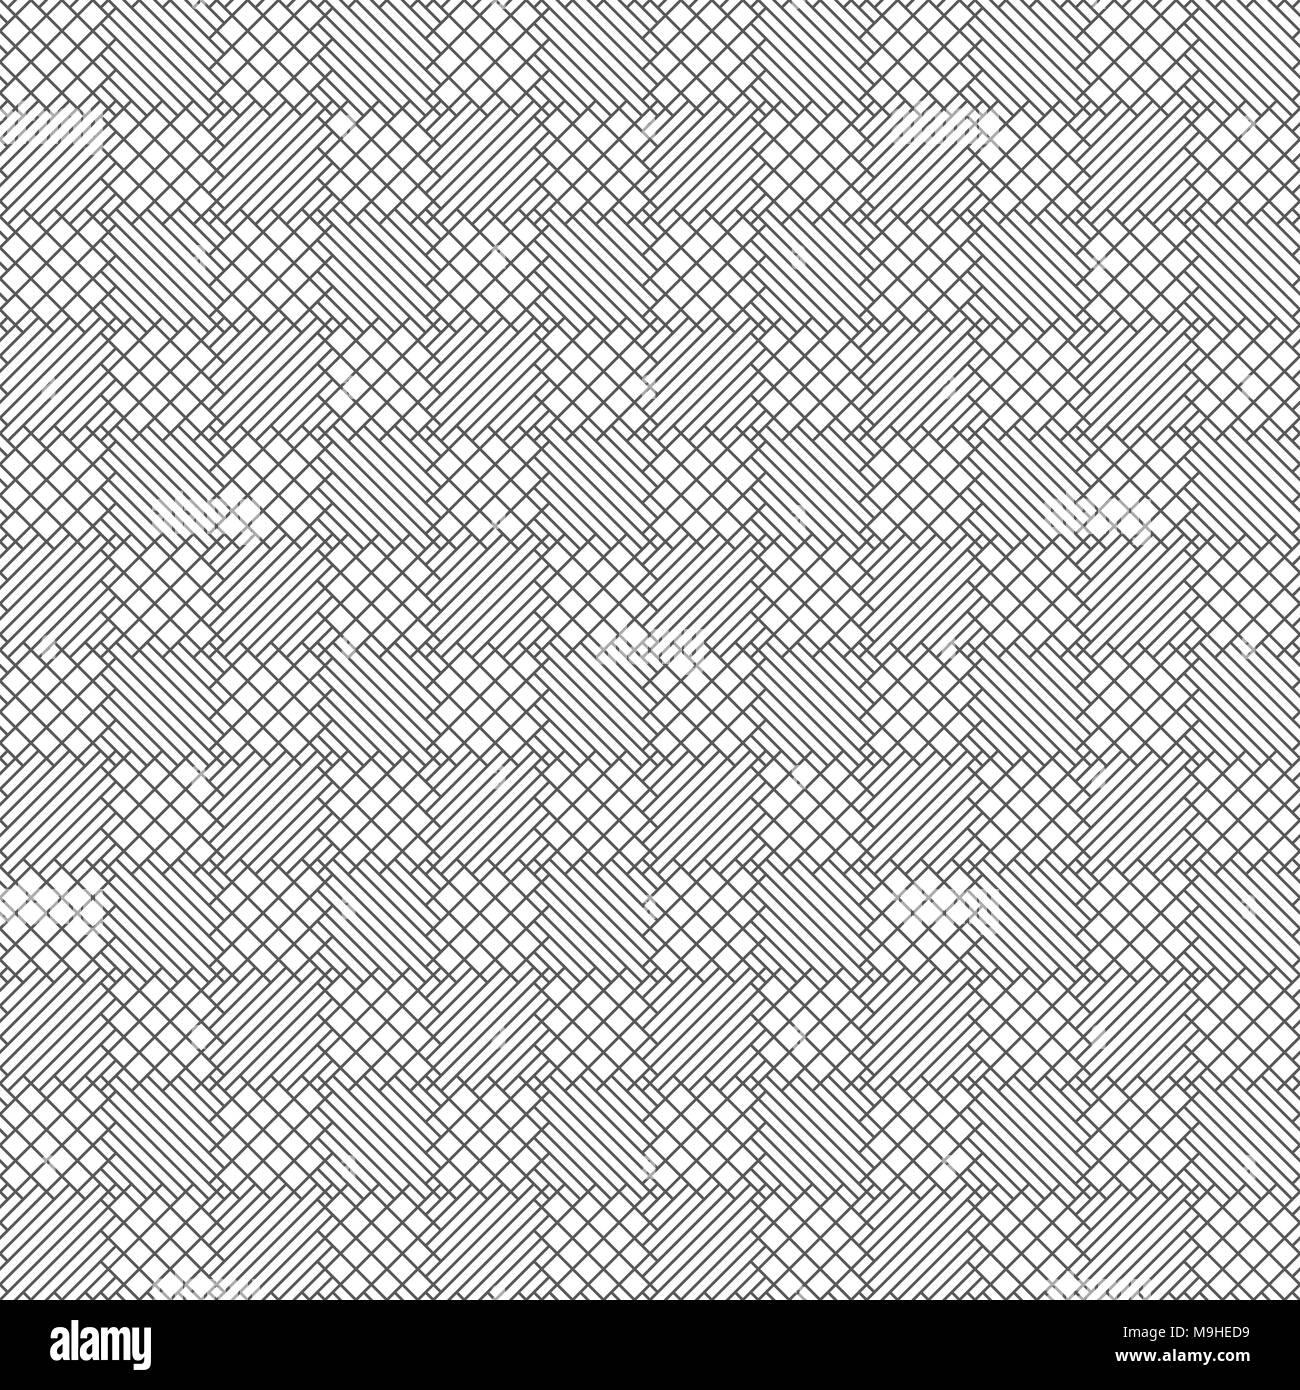 Schön Druckbare Linien Papier Zeitgenössisch - Bilder für das ...